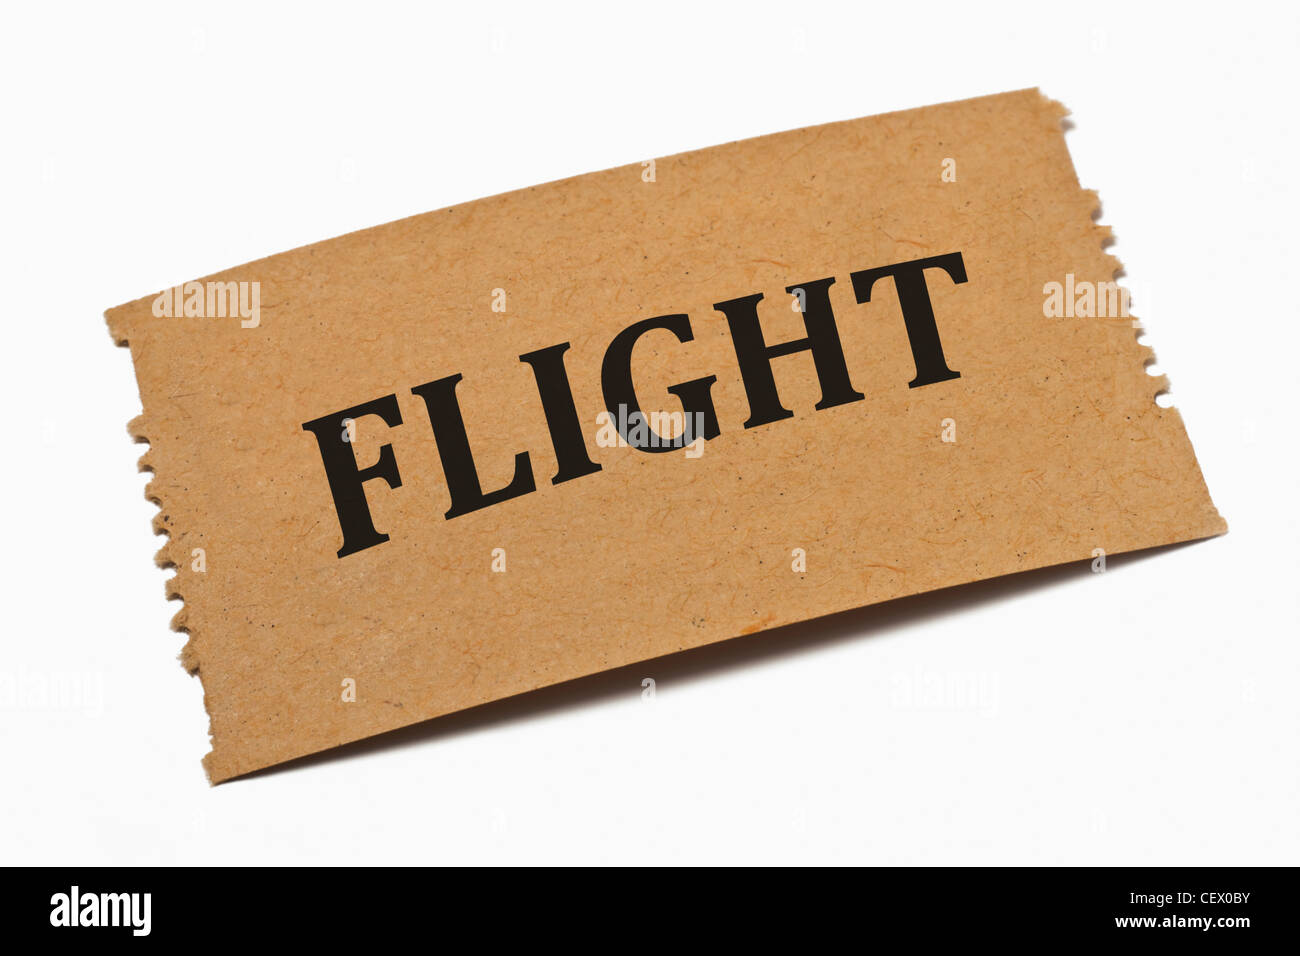 Detailansicht einer Karte aus Papier mit der Aufschrift Flight (Flug) | Detail photo of a paper card with the inscription - Stock Image